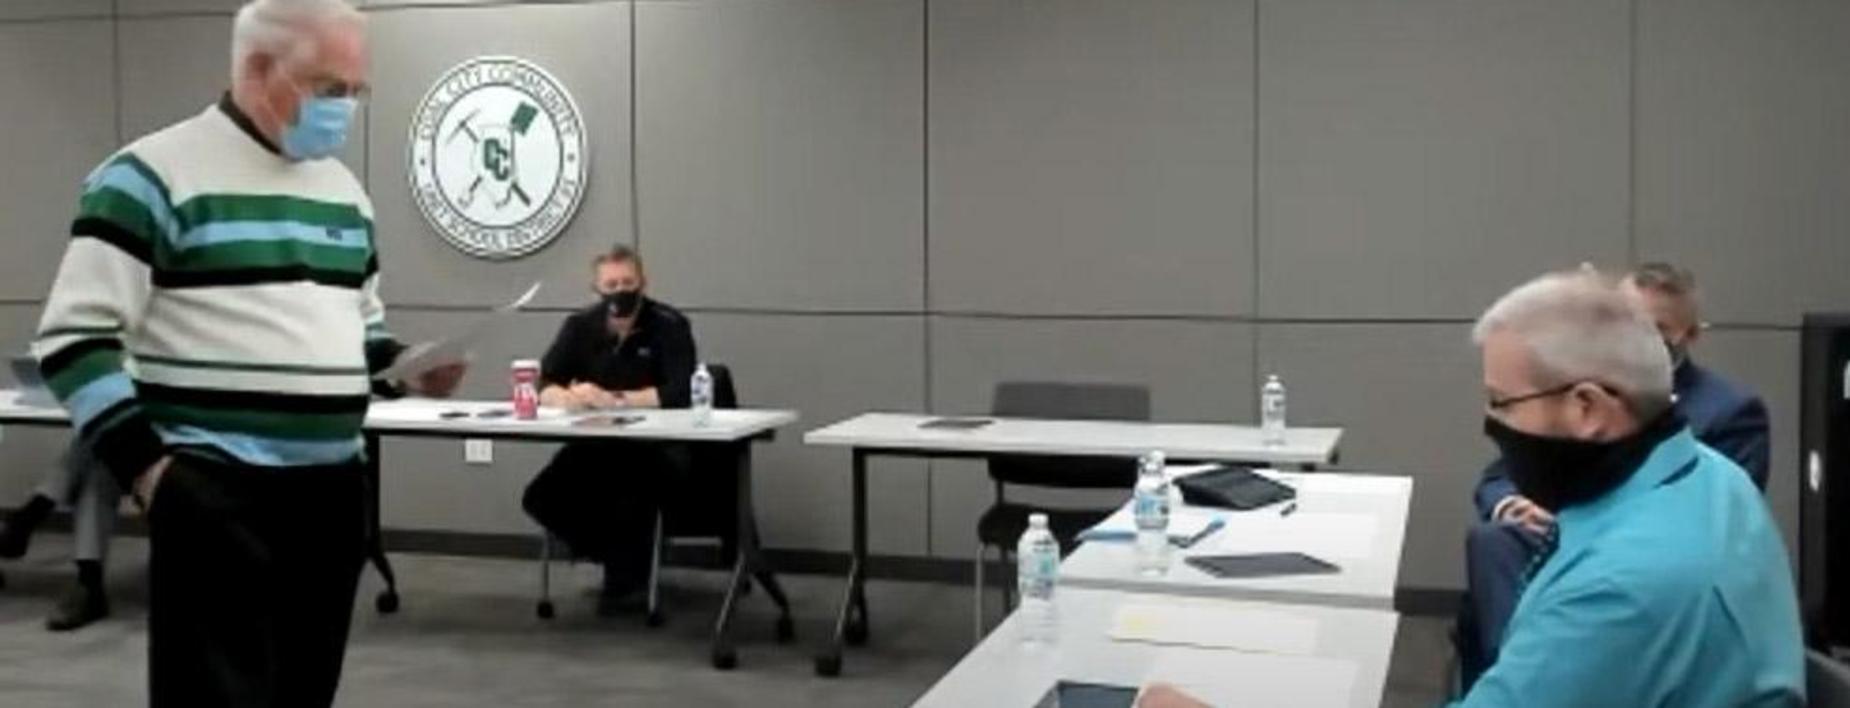 New Board member sworn in